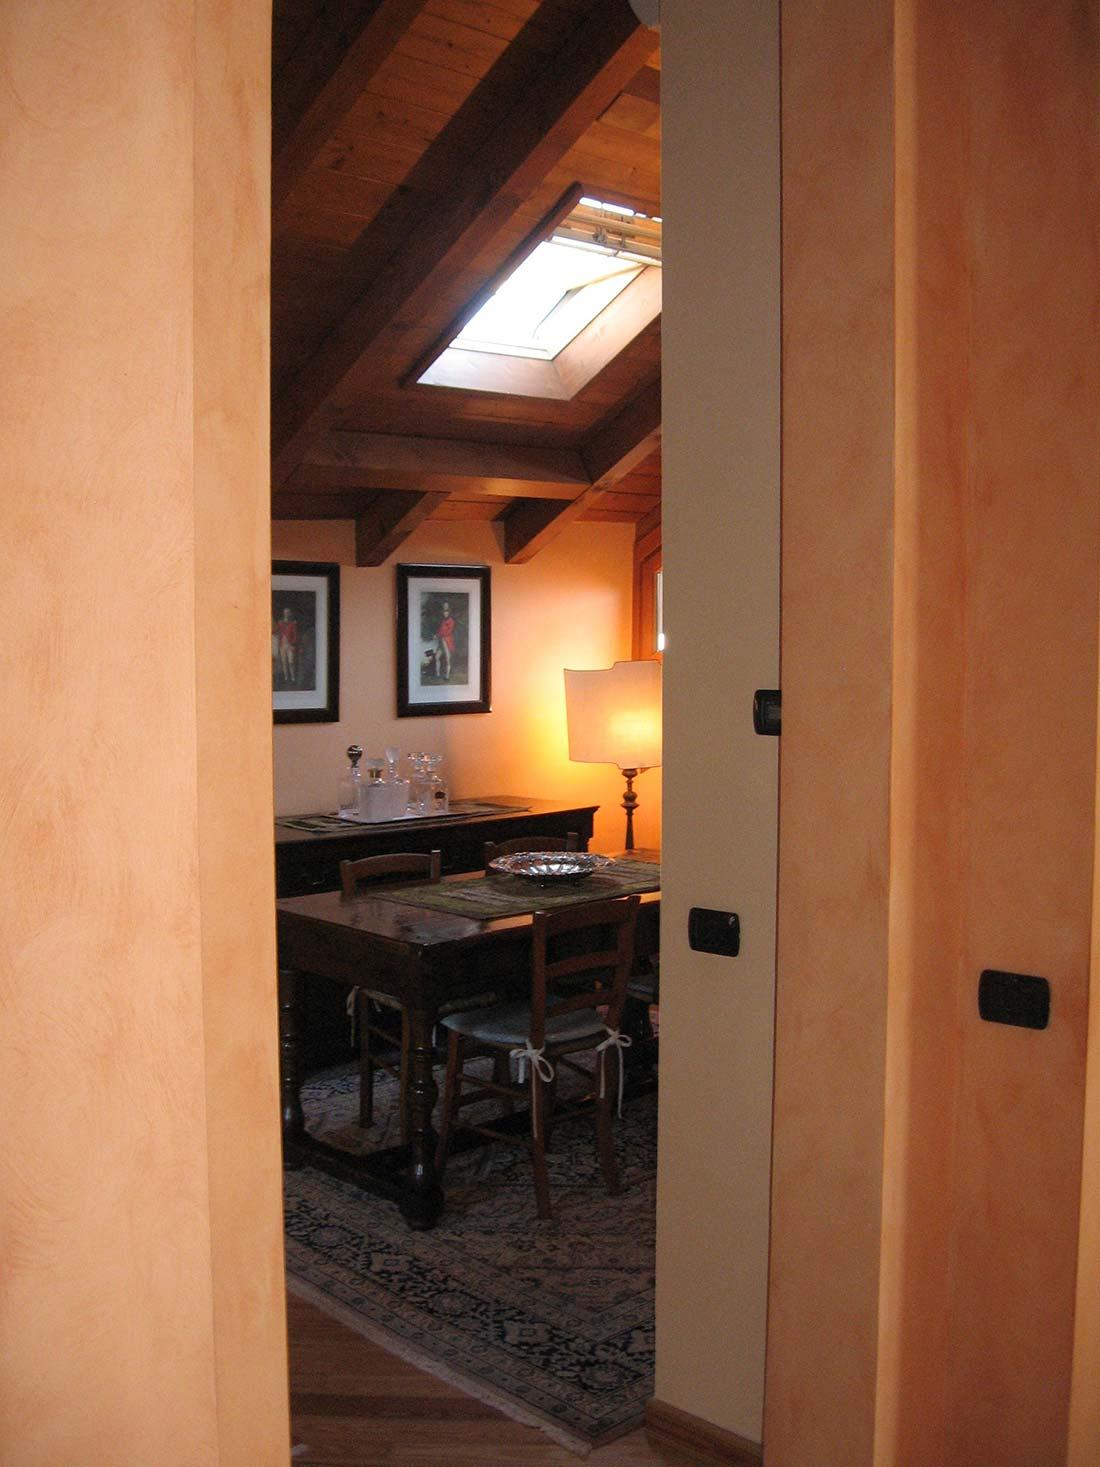 Esempio arredamento interni monza cardin design - Arredamento interni design ...